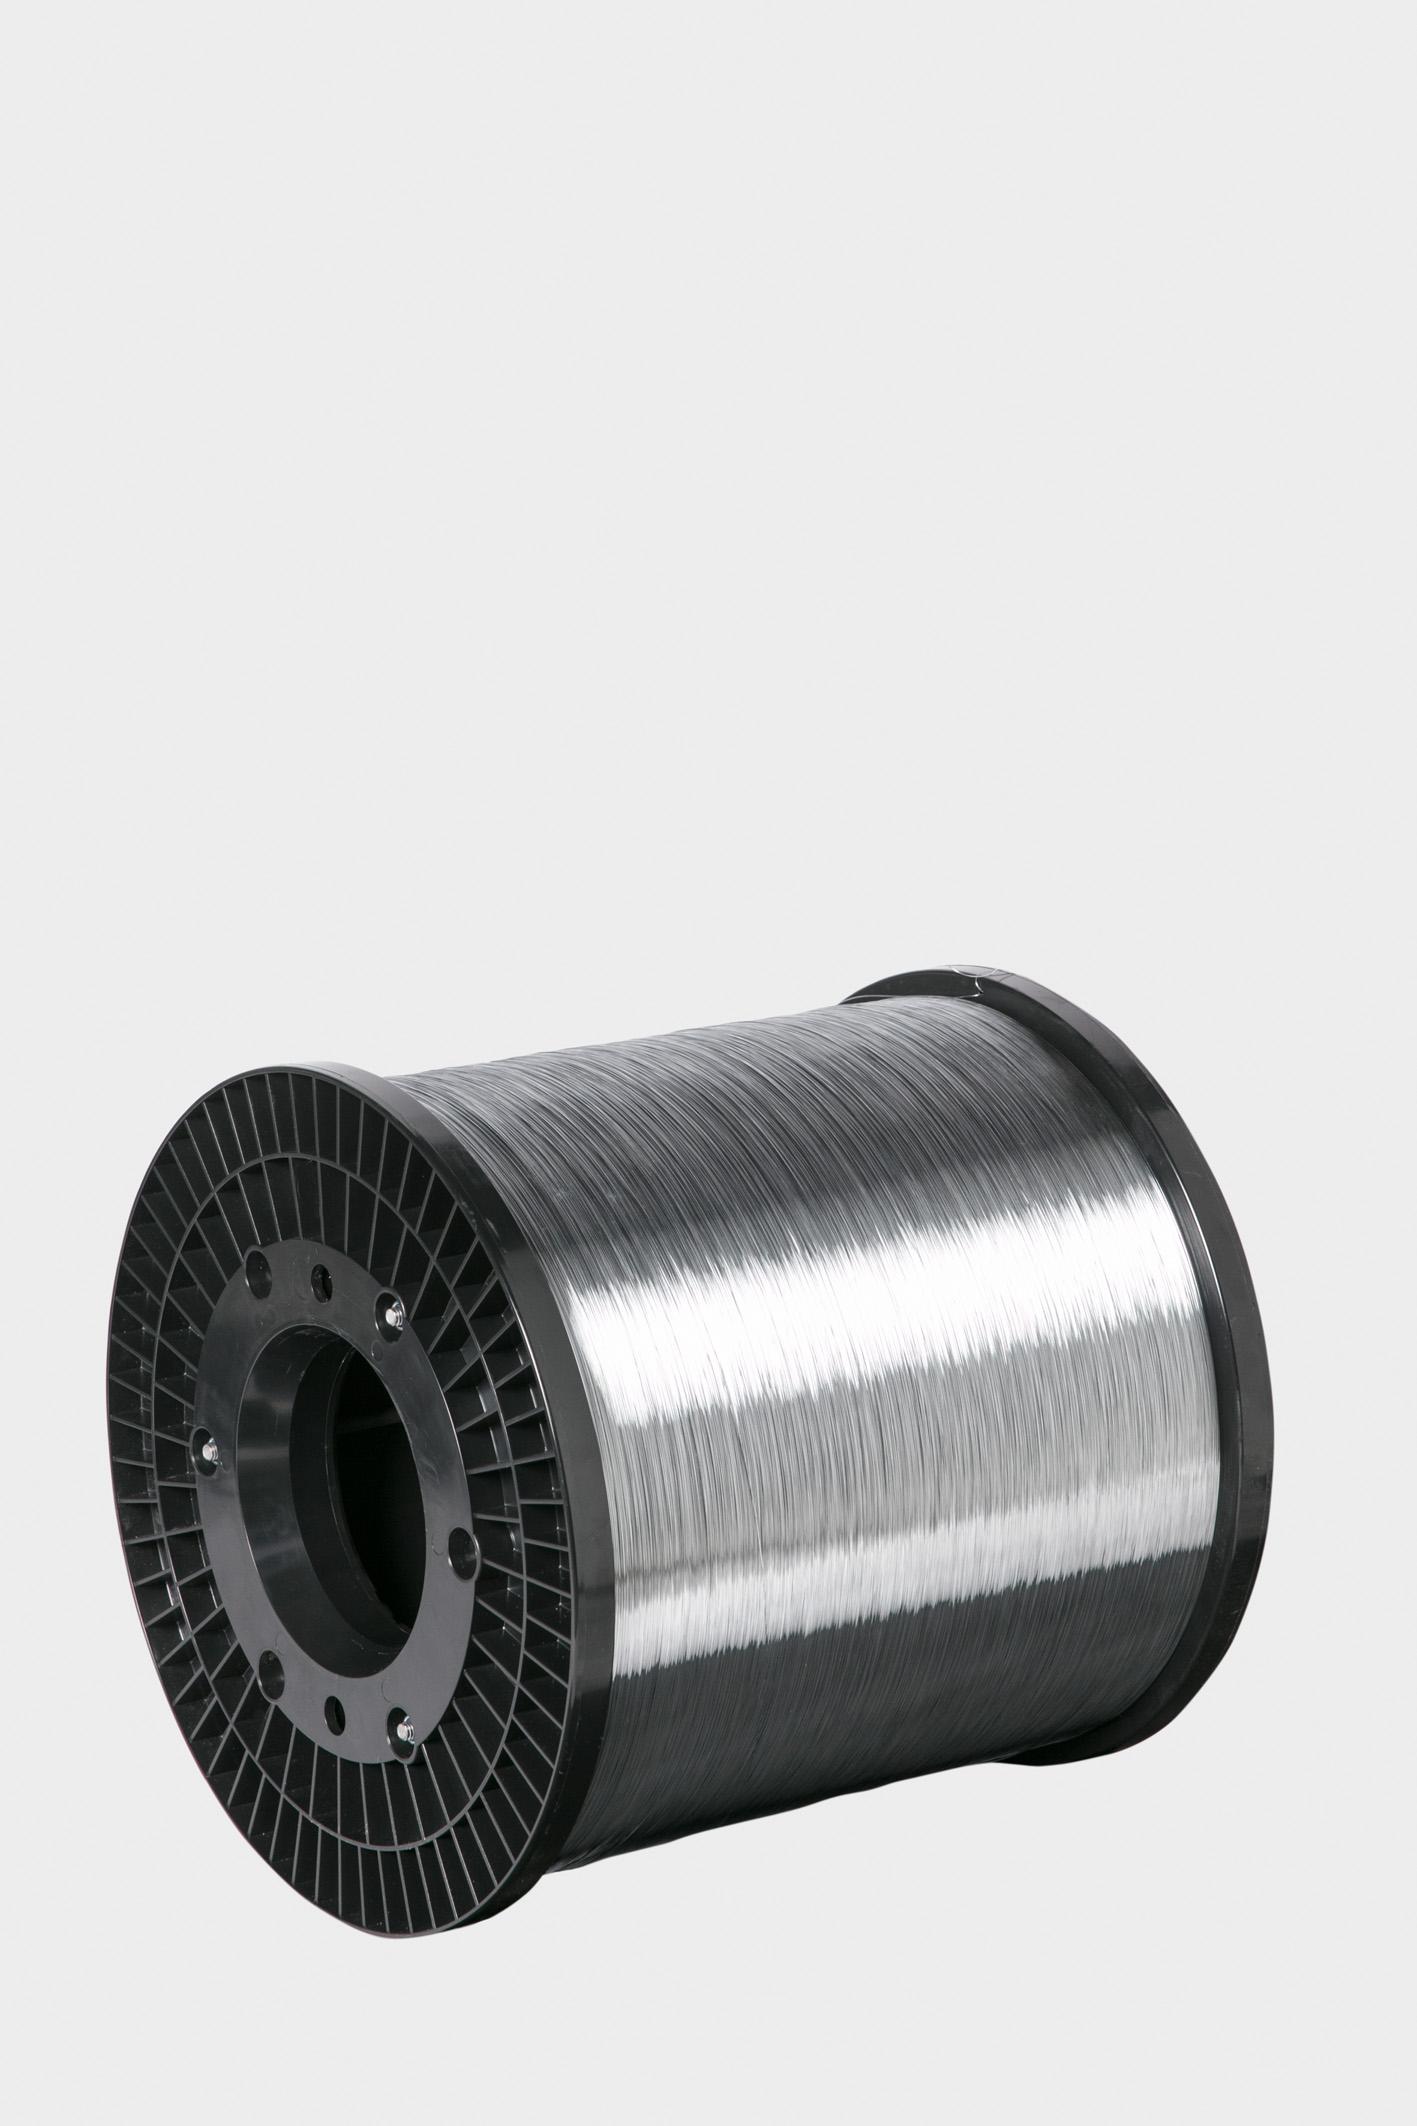 LÖTTERS DRAHT LD Heftdraht verzinkt, Spule MP100 (90kg; zylindrisch ...